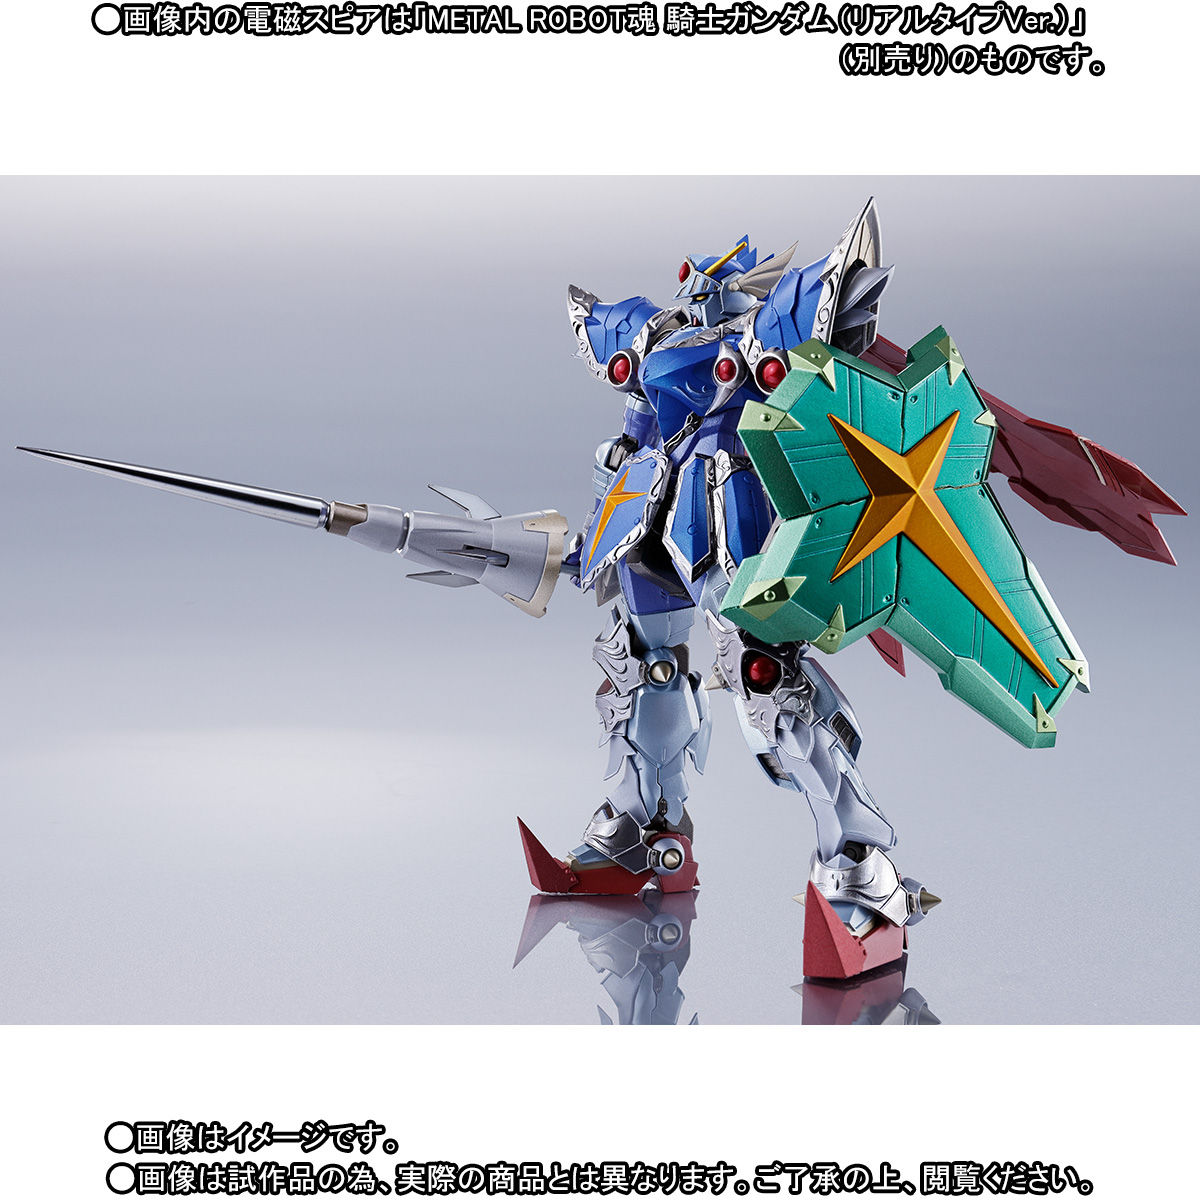 METAL ROBOT魂〈SIDE MS〉『フルアーマー騎士ガンダム(リアルタイプver.)|SDガンダム外伝』可動フィギュア-005